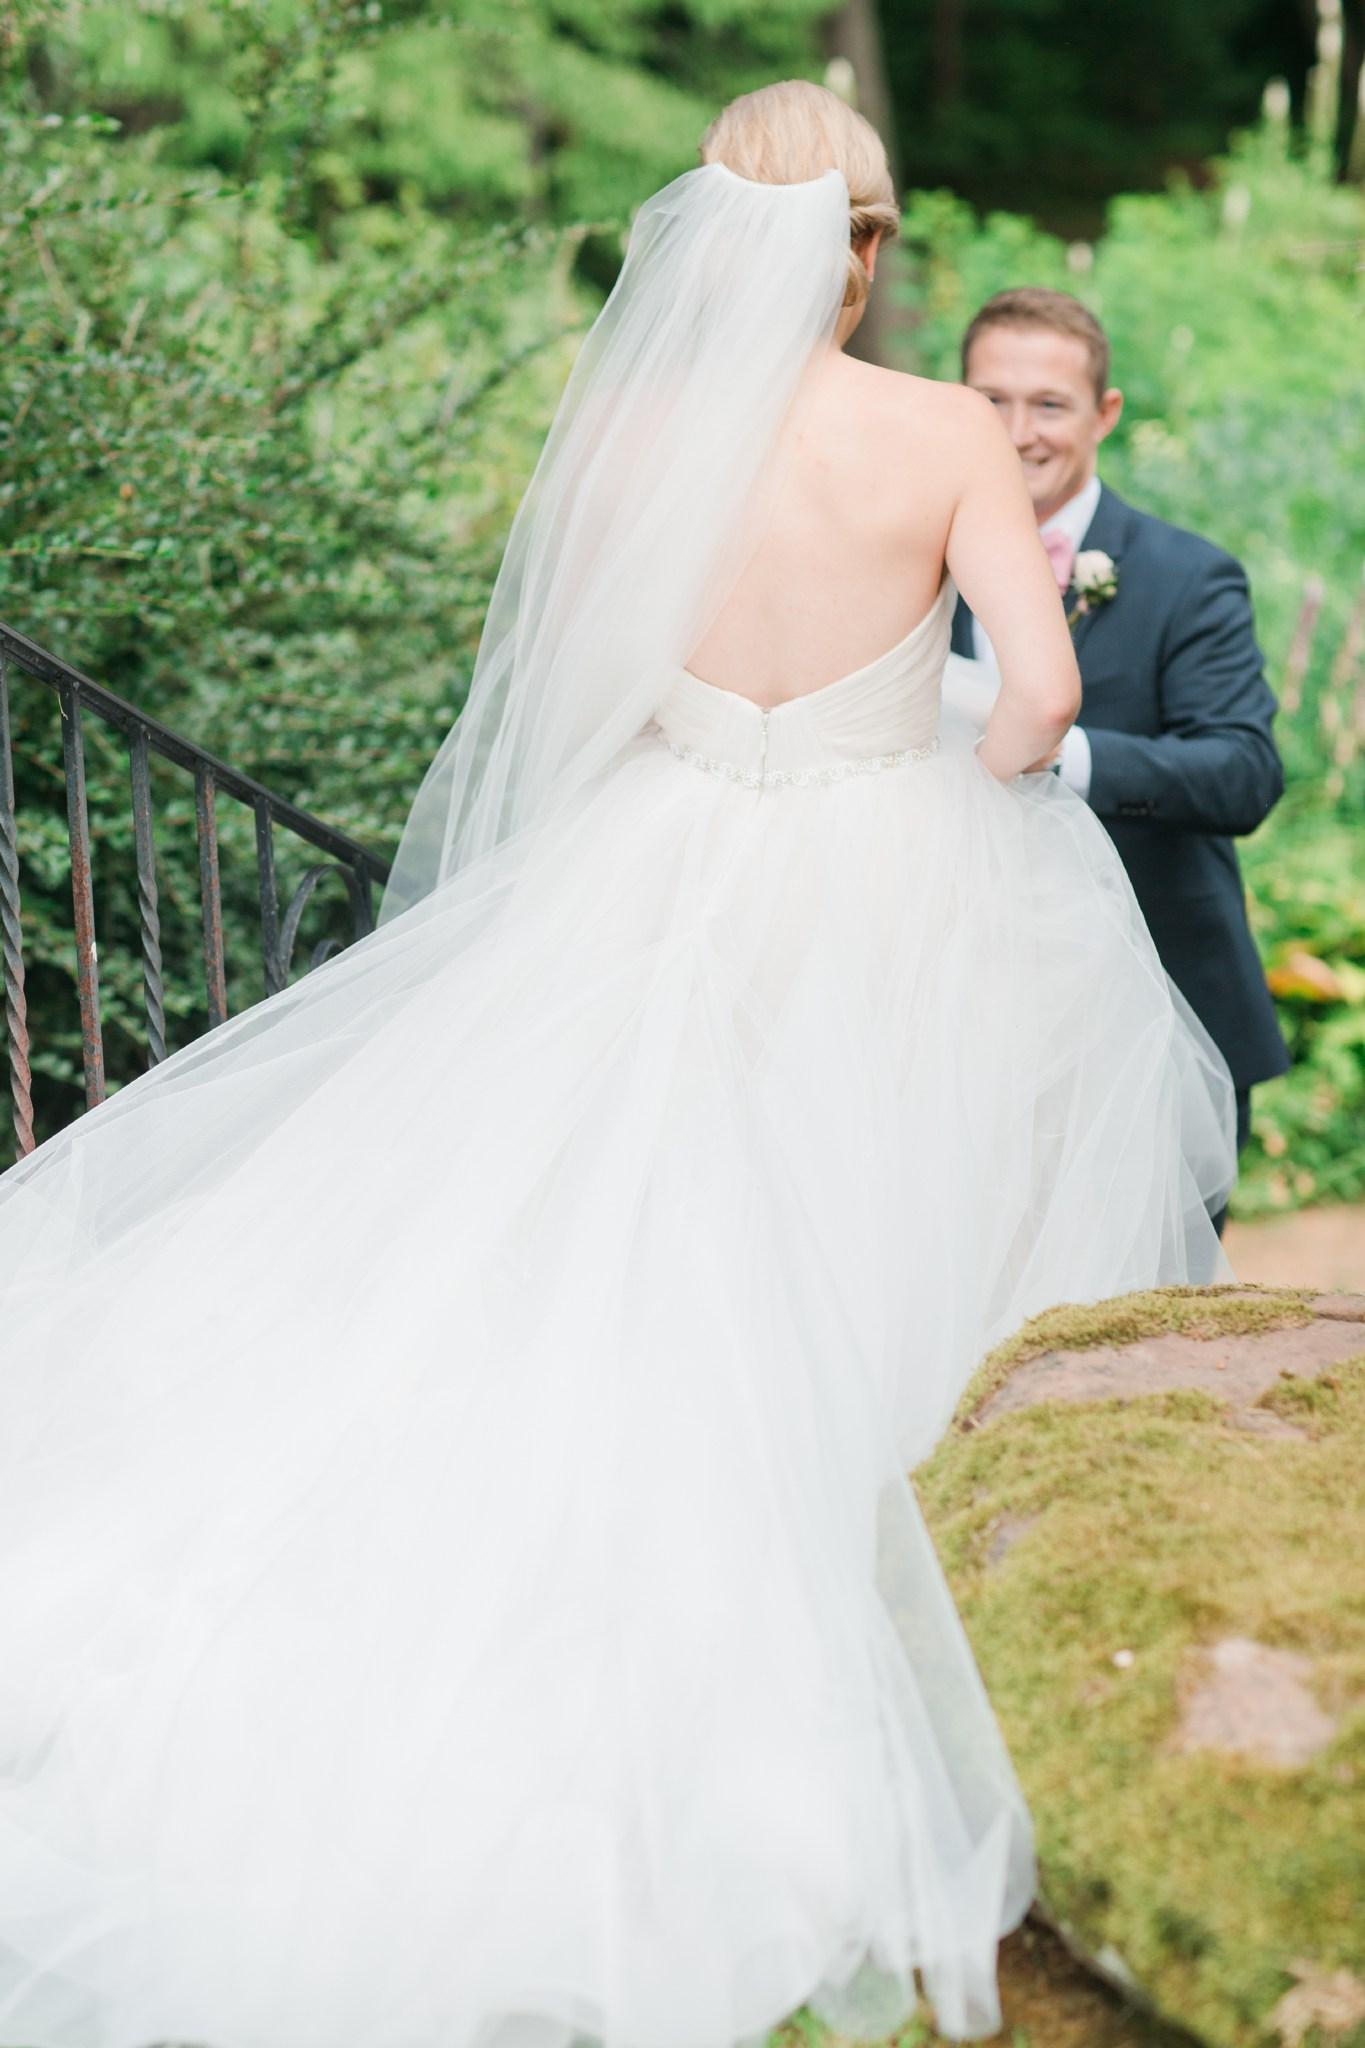 moraine_farm_wedding_deborah_zoe_0025.JPG